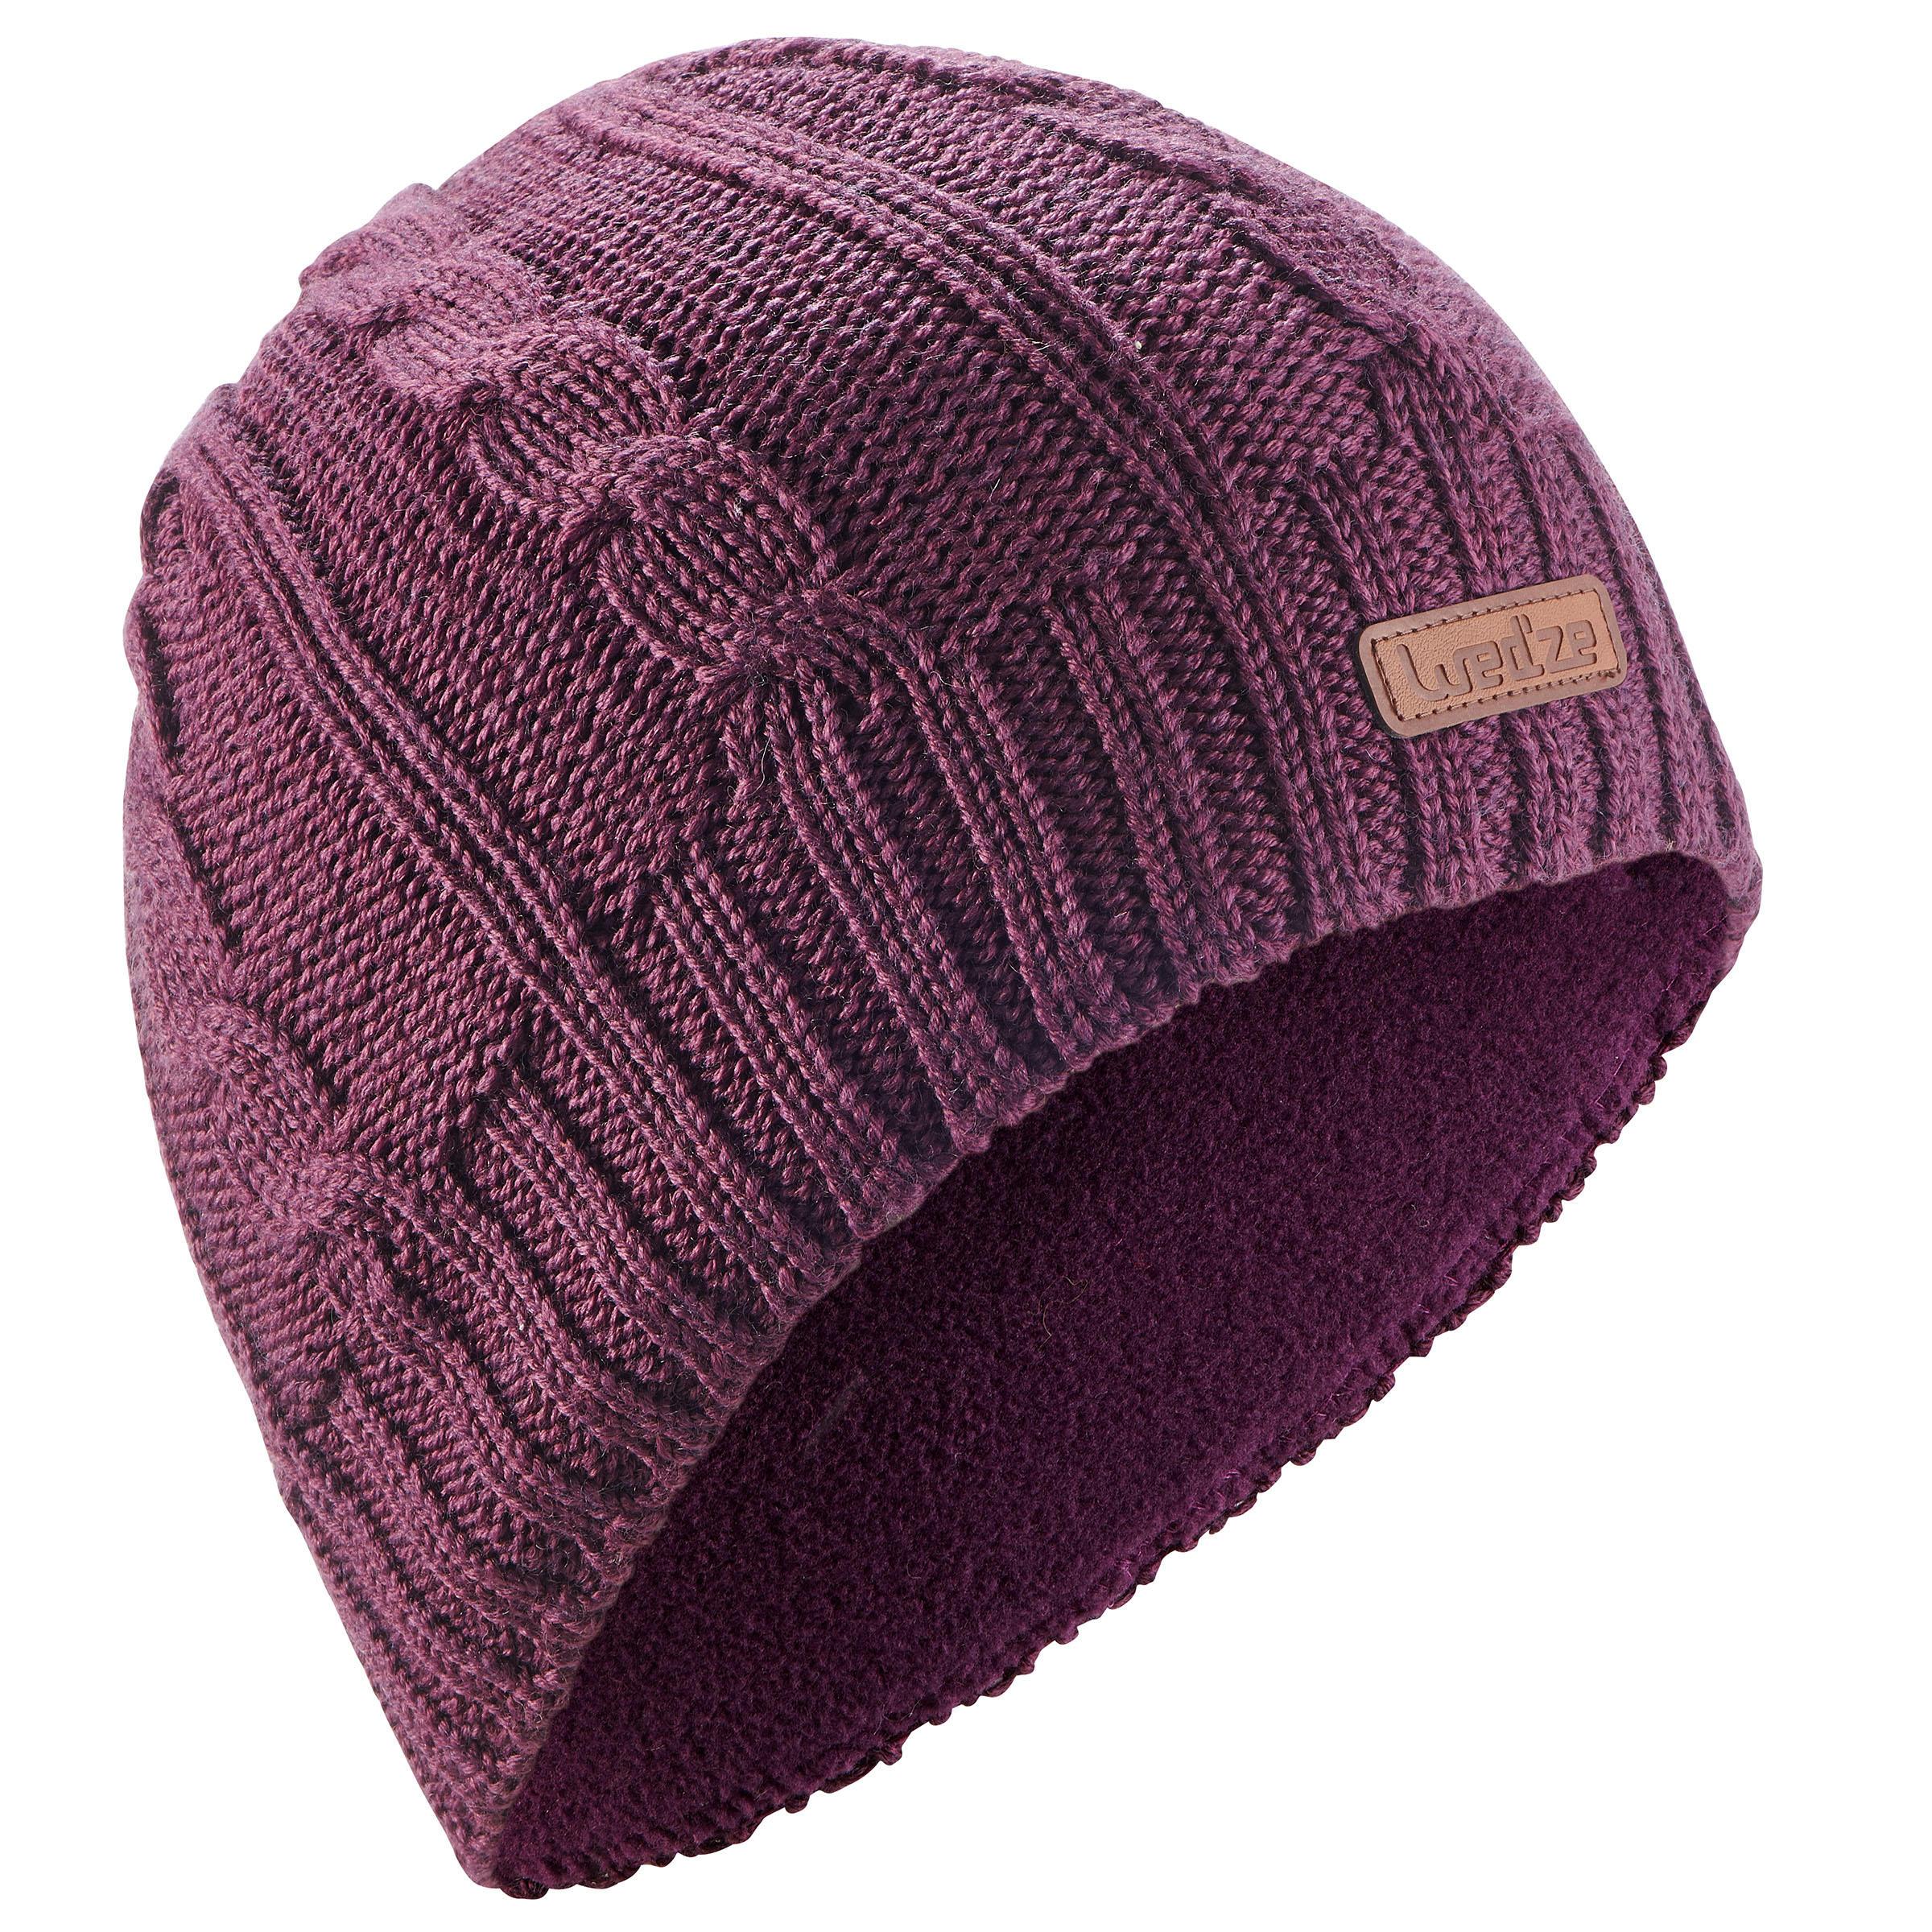 Skimütze Torsades Erwachsene violett | Accessoires > Mützen > Skimützen | Violett | Wed'ze